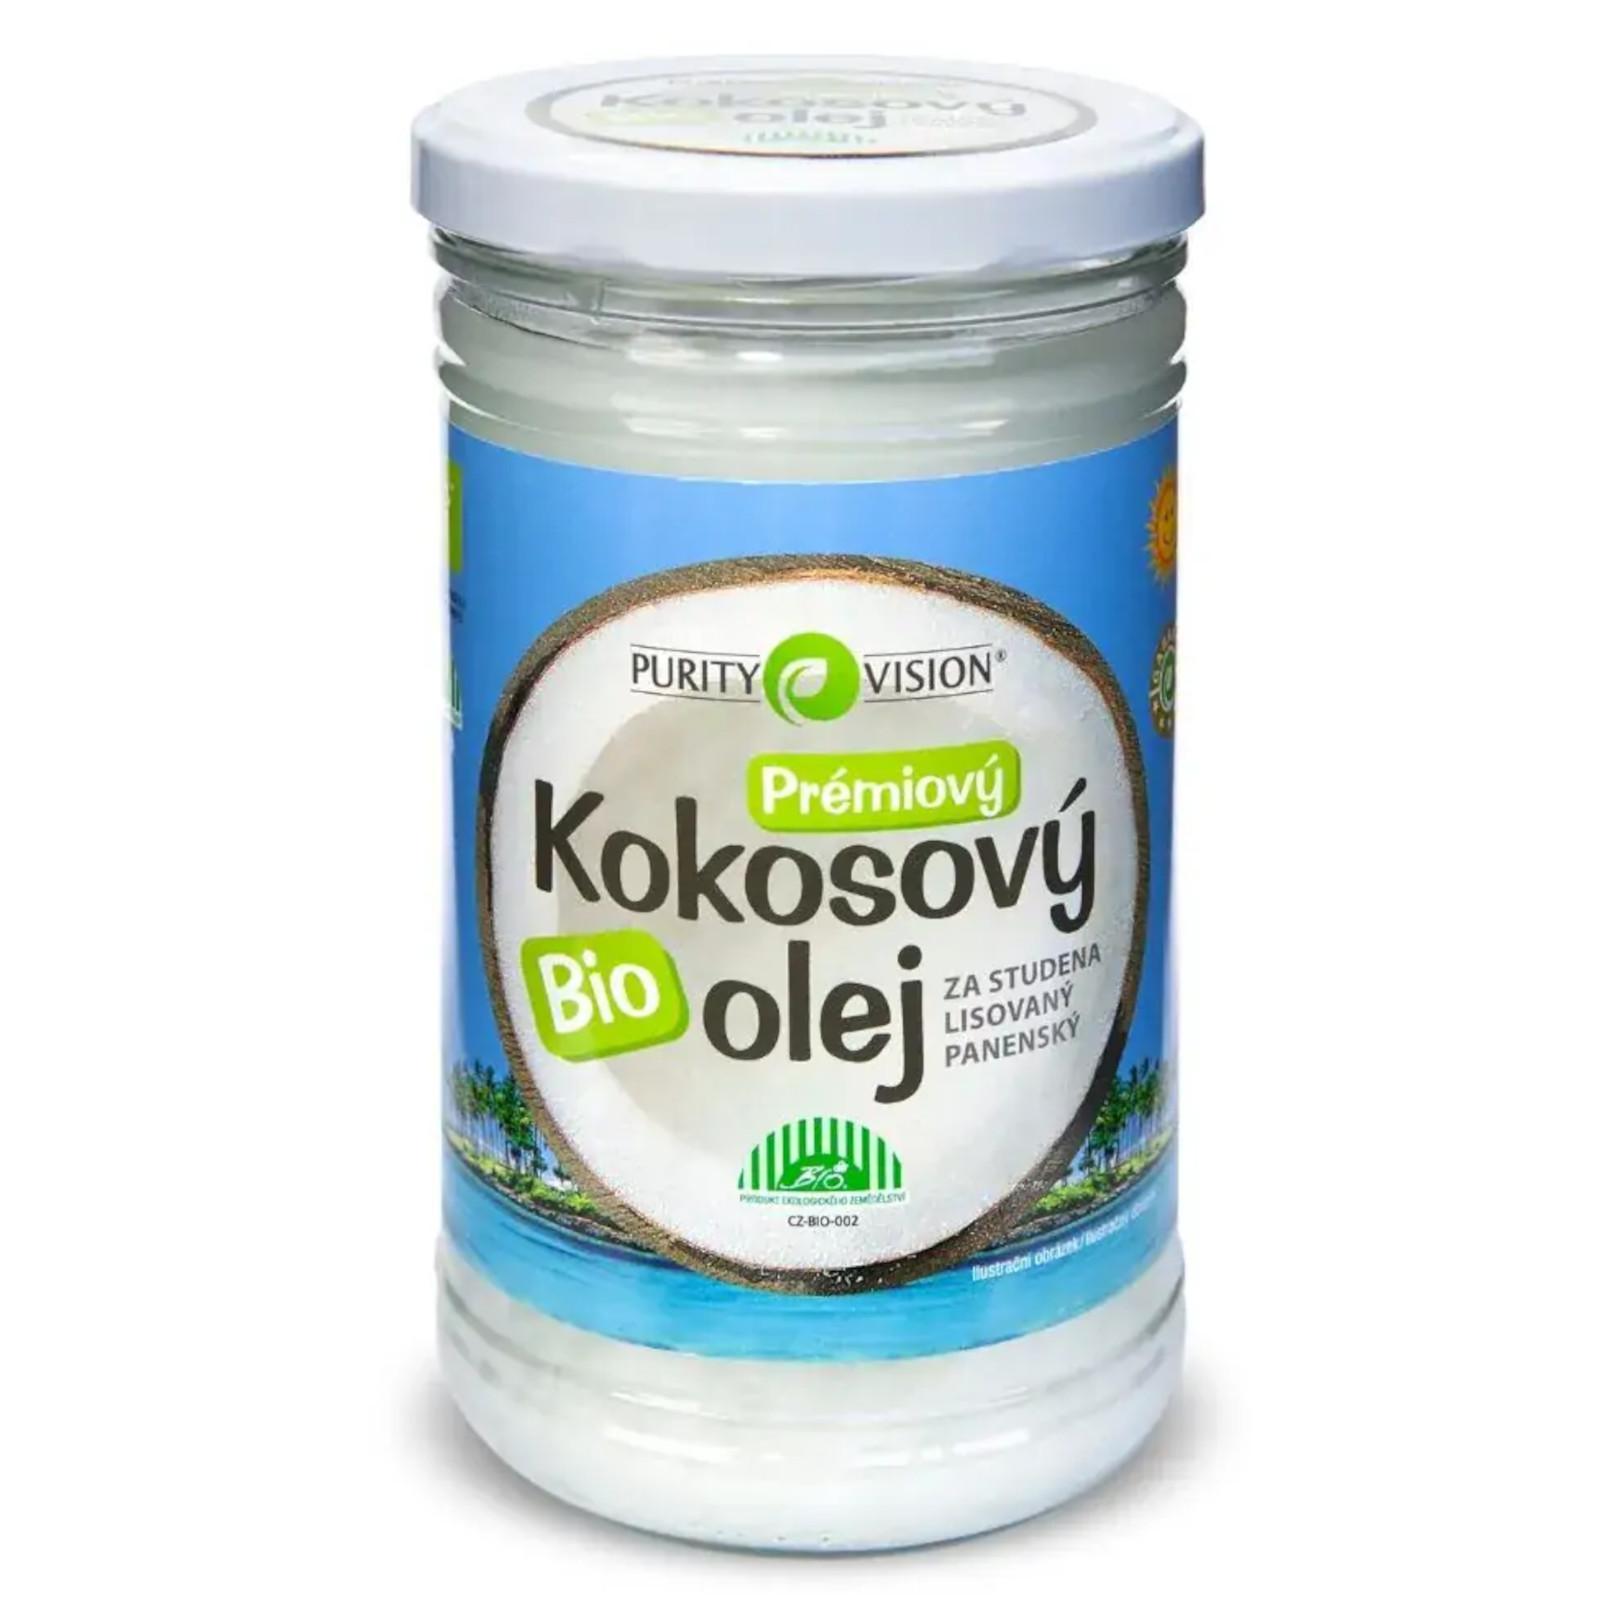 Purity Vision Kokosový olej panenský ve skle 900 ml